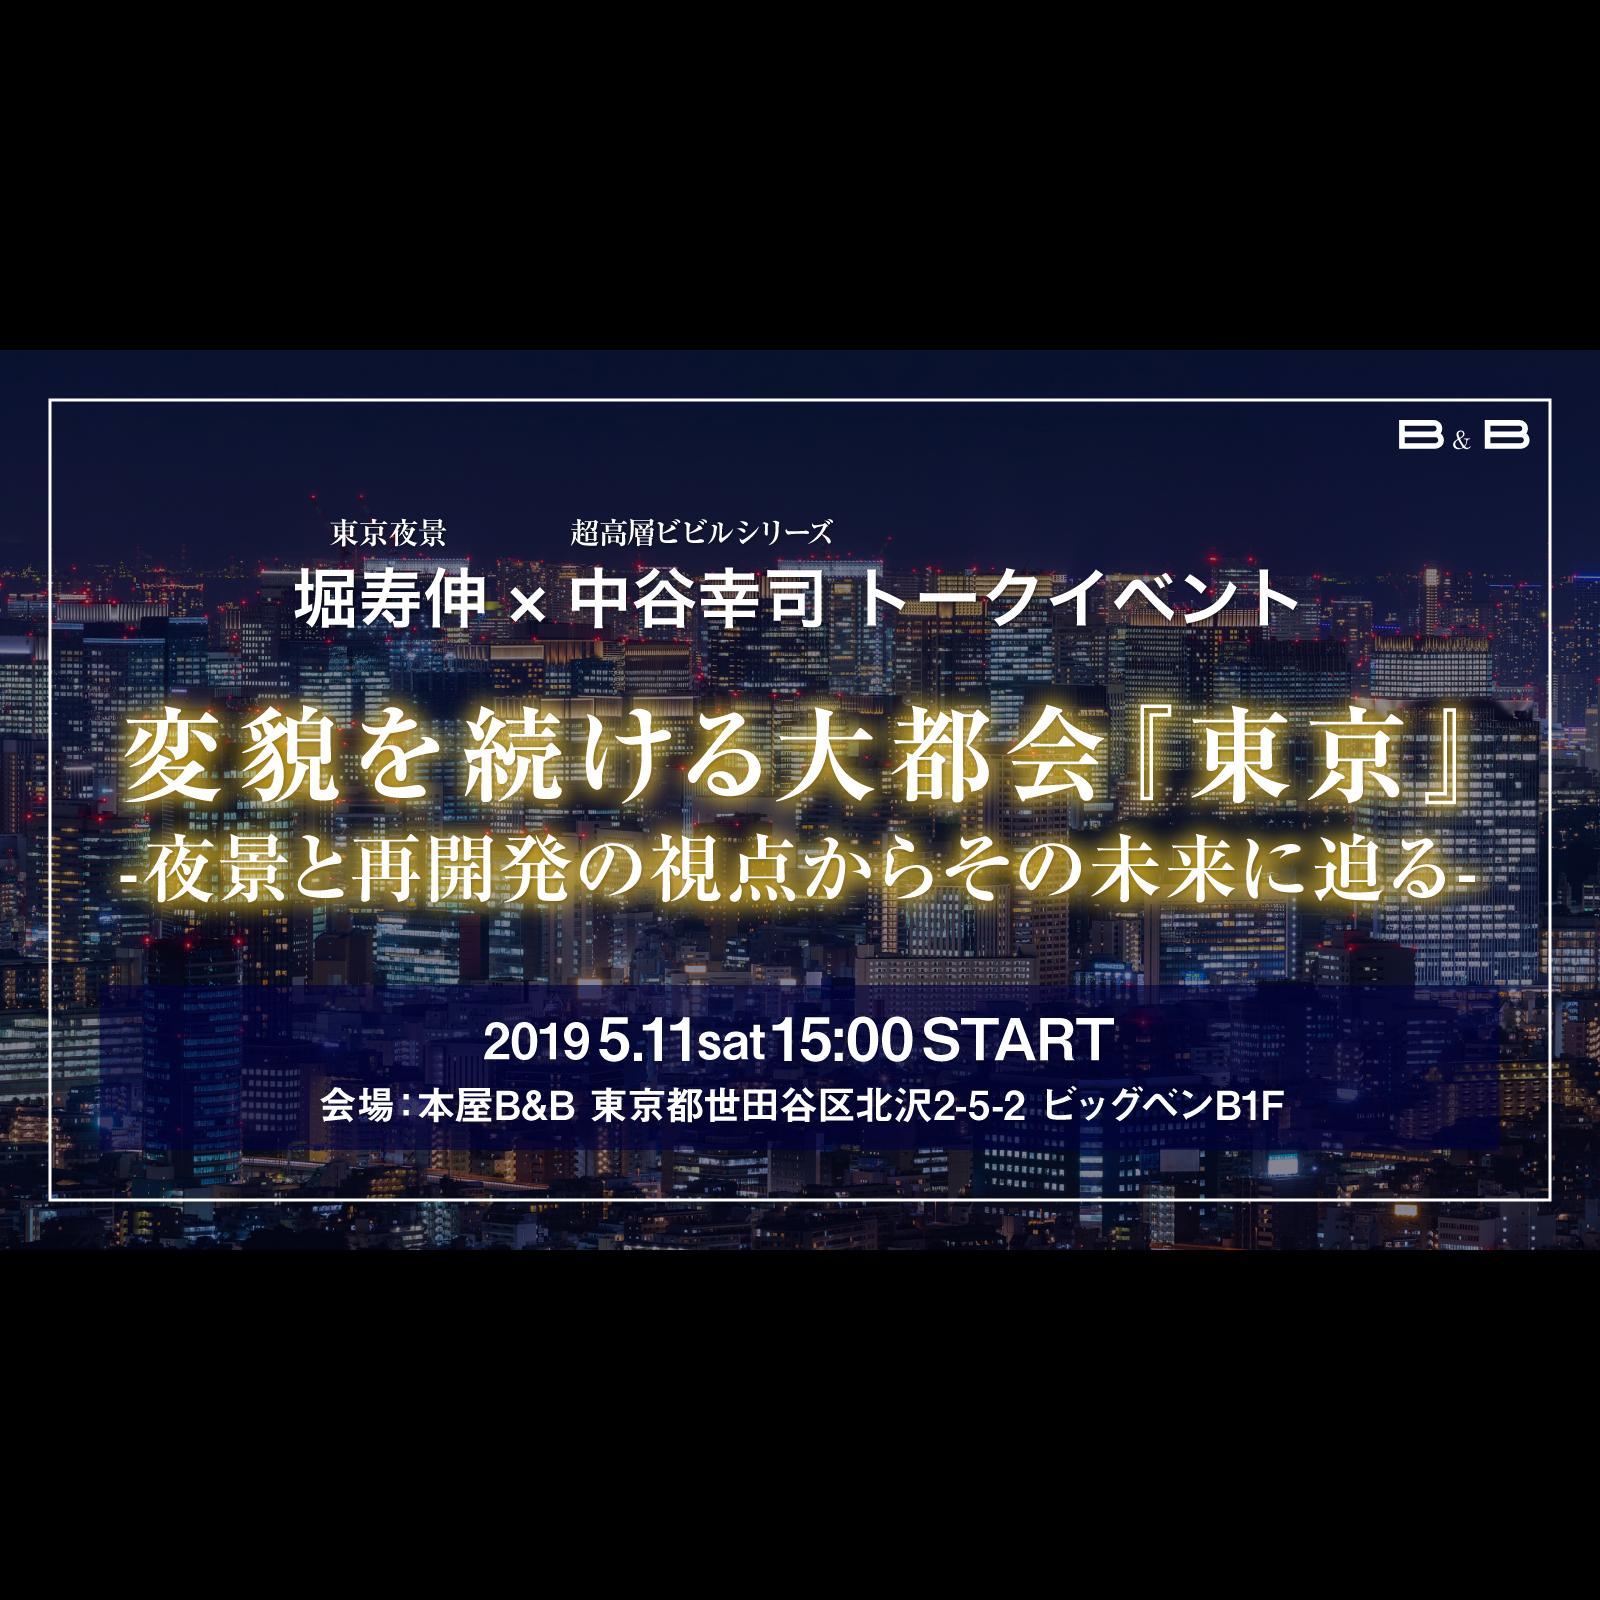 『東京夜景』トークイベントのお知らせ at 下北沢